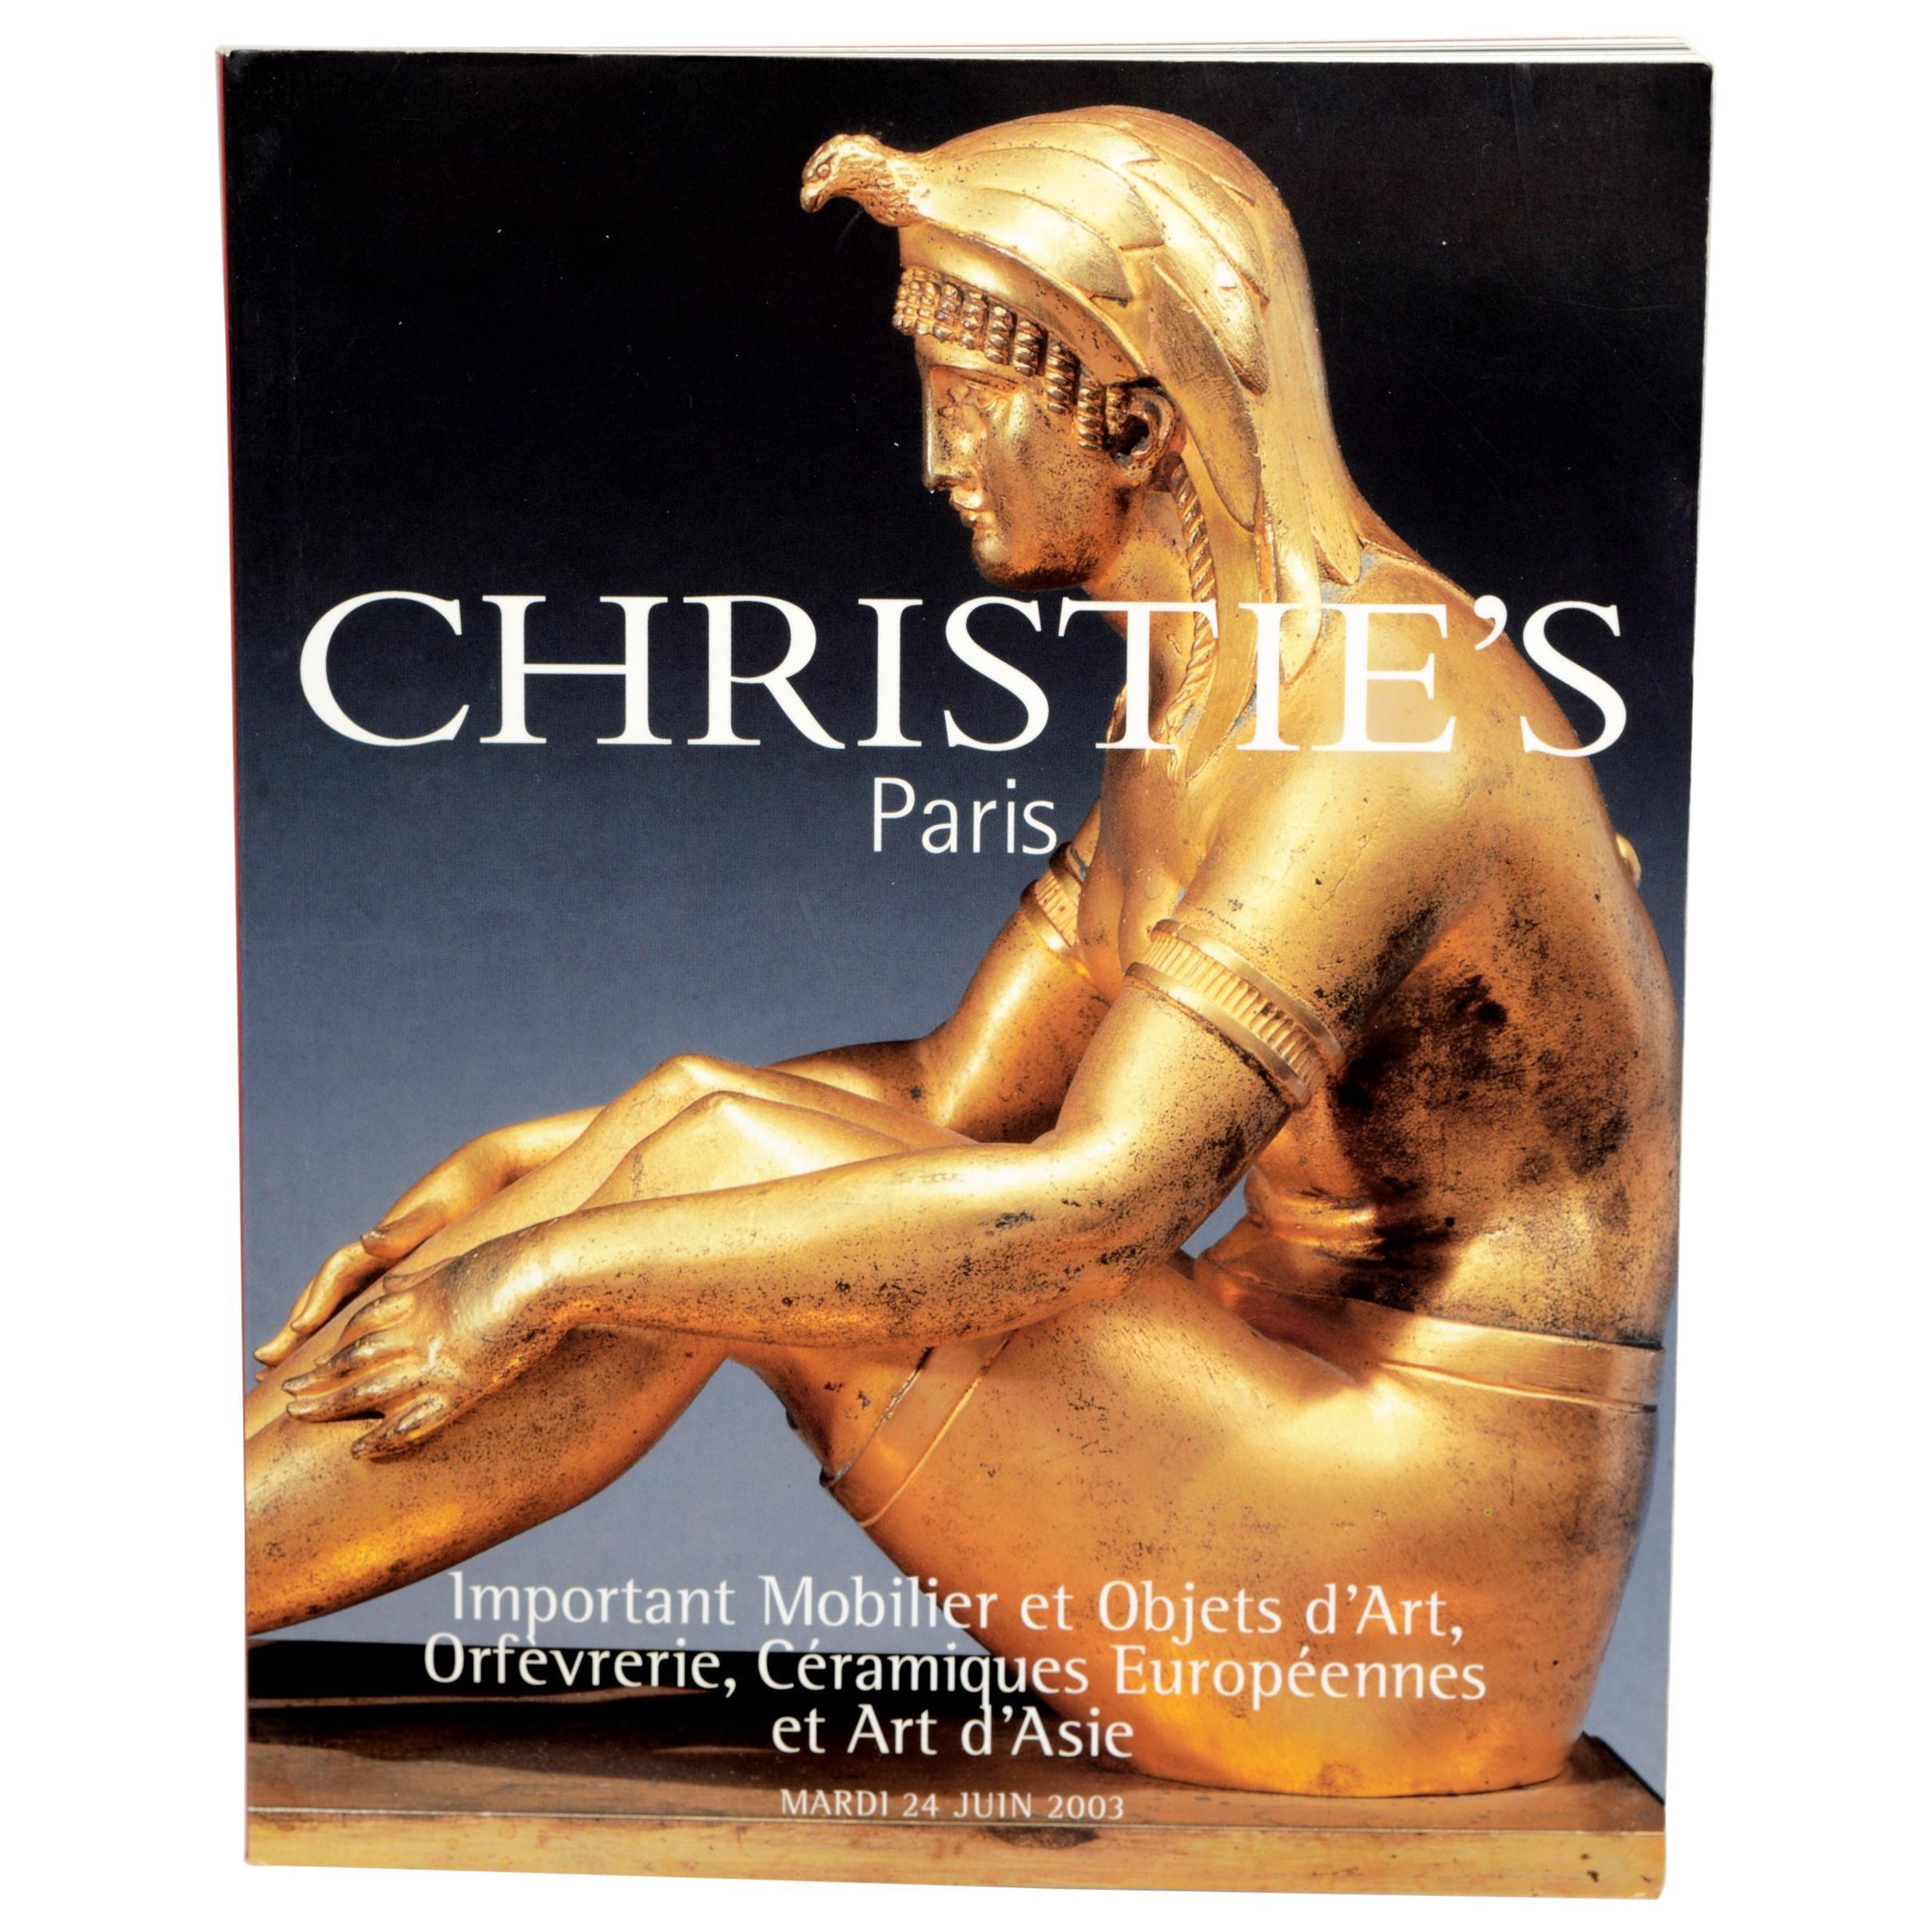 Important Mobilier et Objets d'Art, Christie's Catalogue Juin 2003